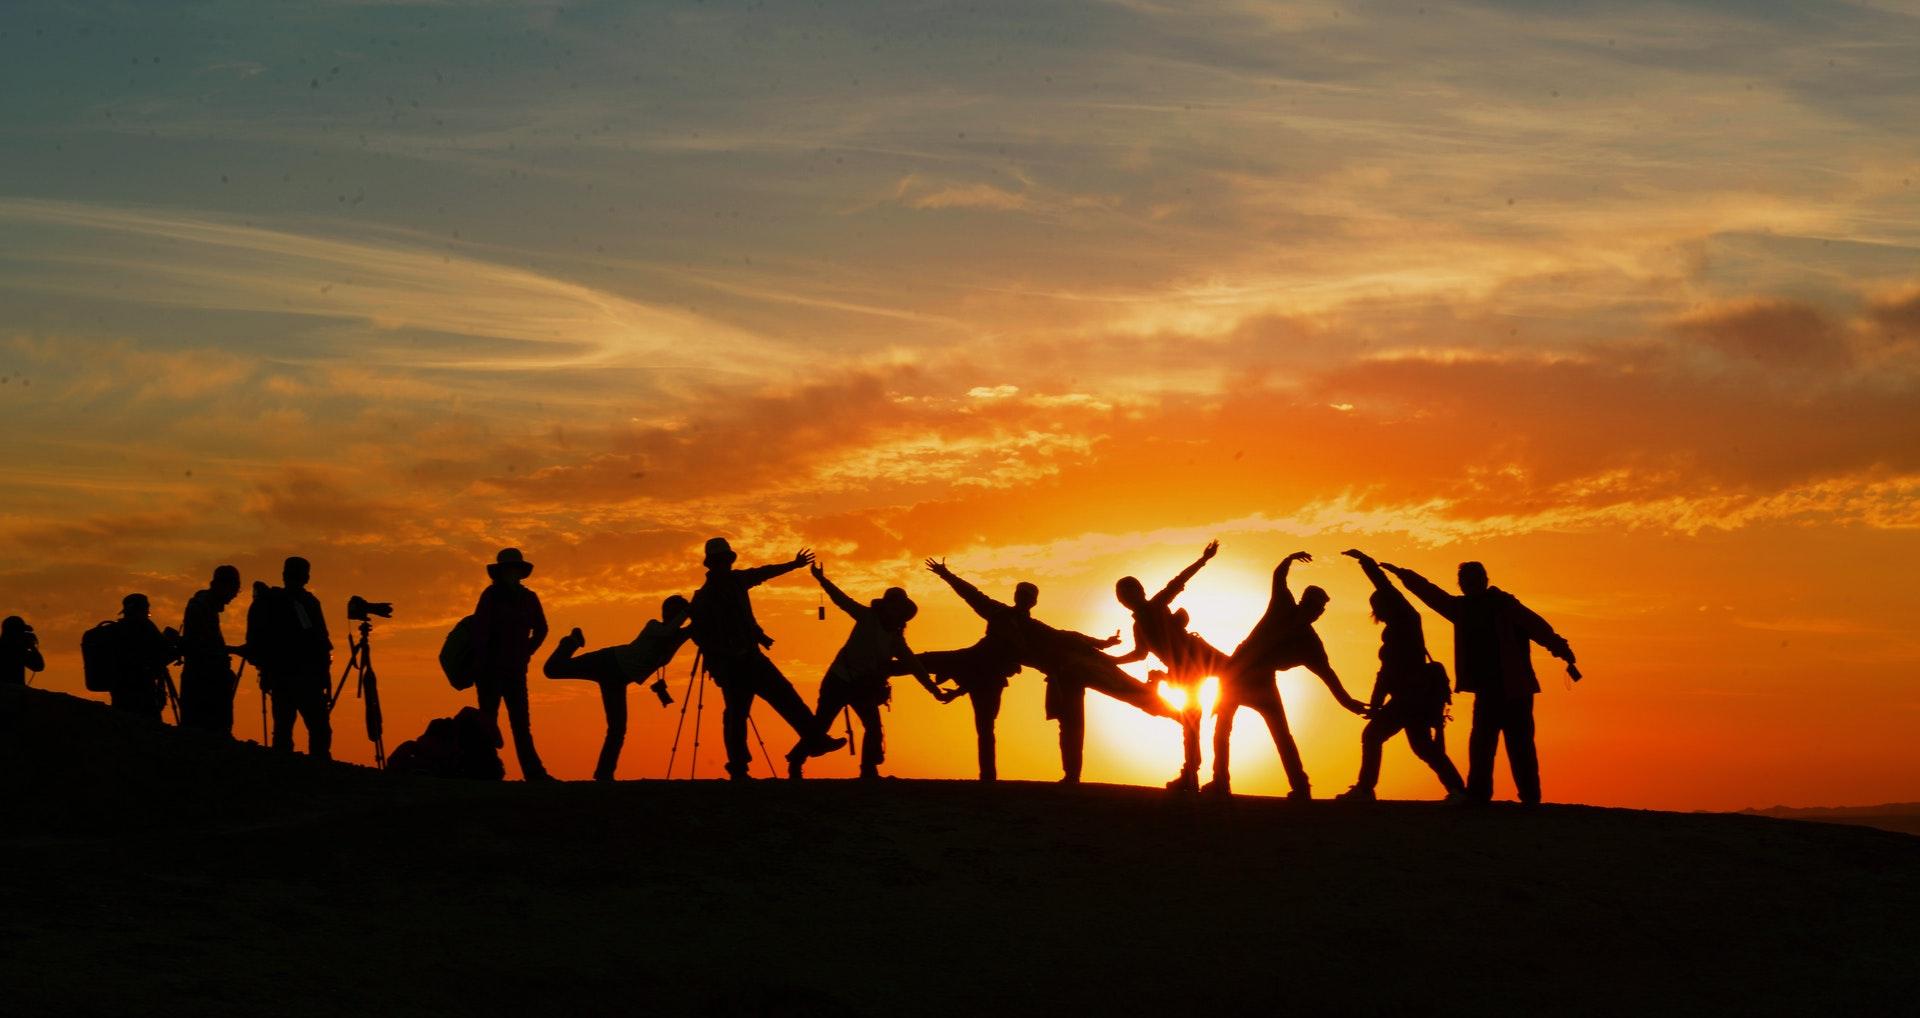 il blog puo aiutare nella lead generation turistica